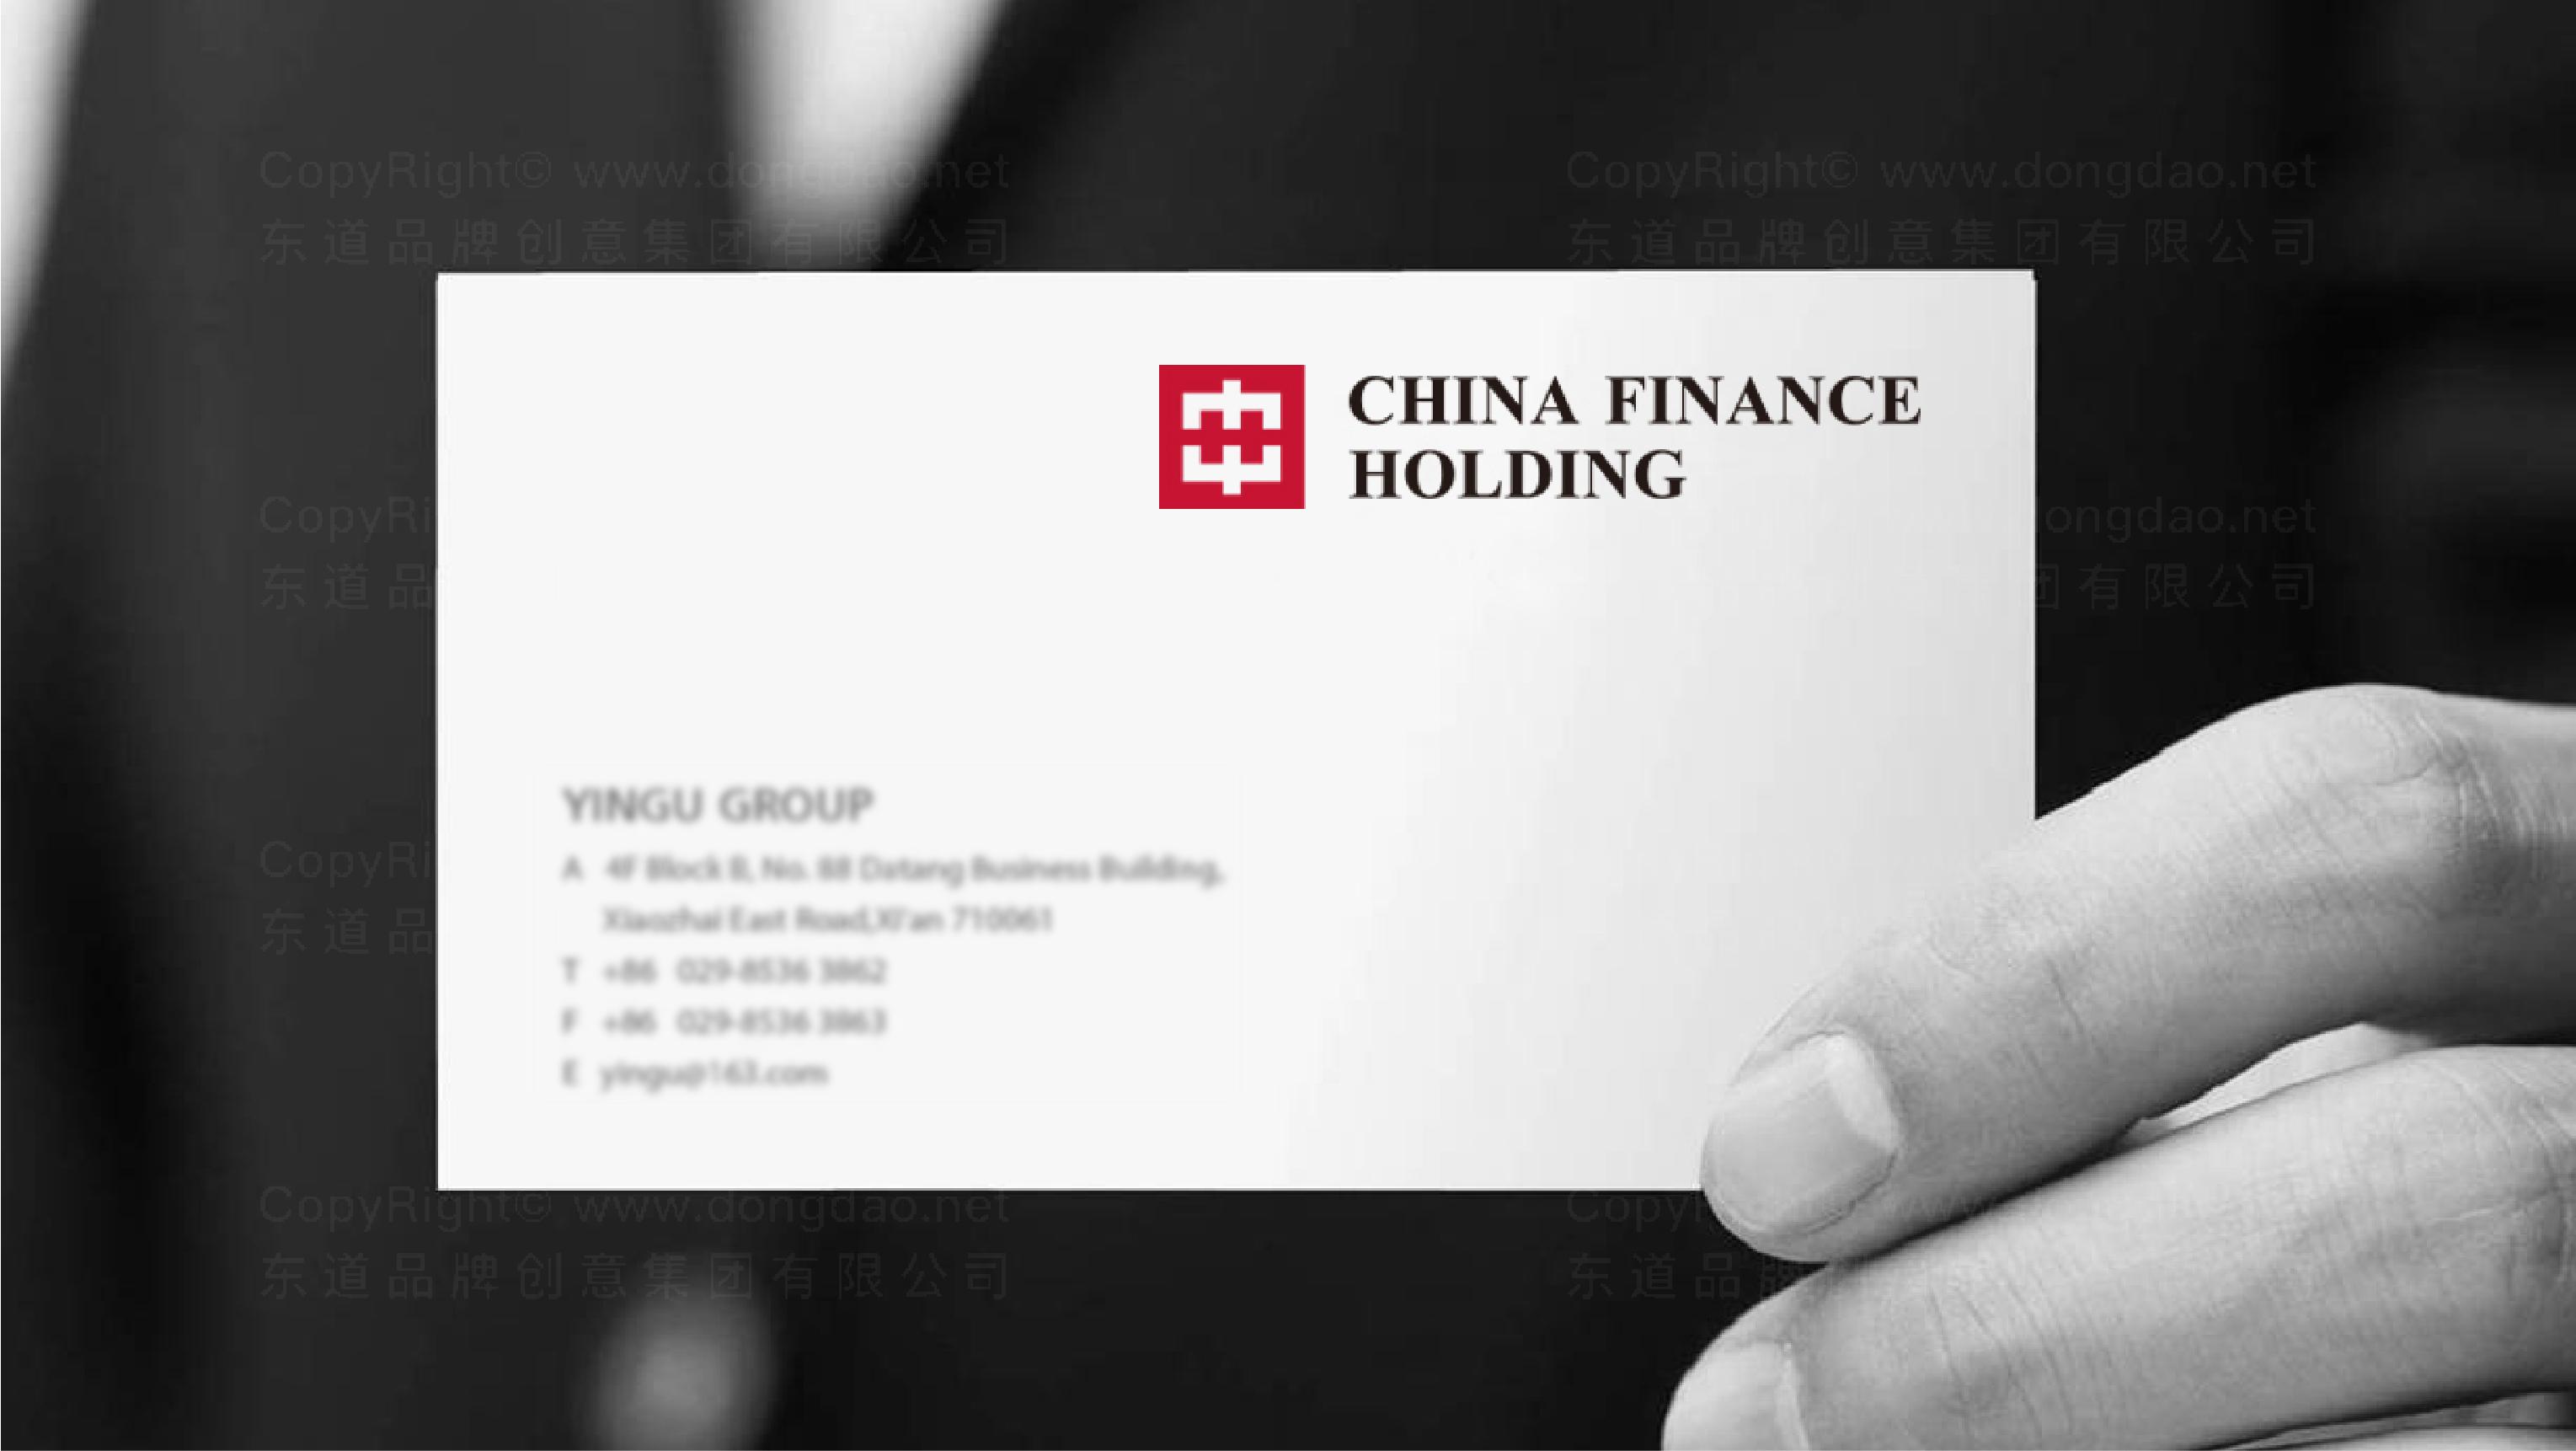 品牌设计中华金融控股标志设计应用场景